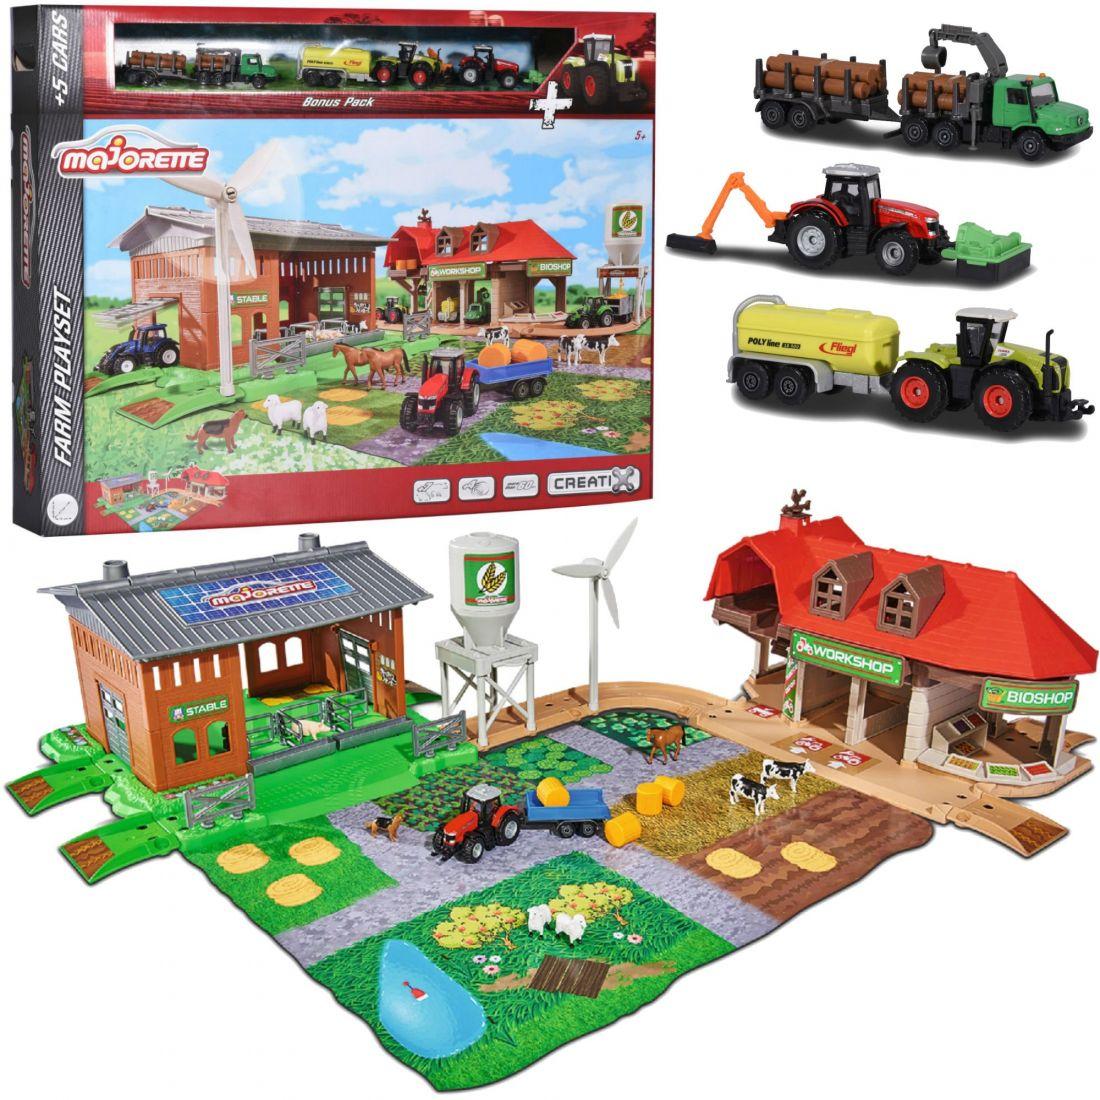 Игровой набор Majorette Большая ферма + трактор 2050009